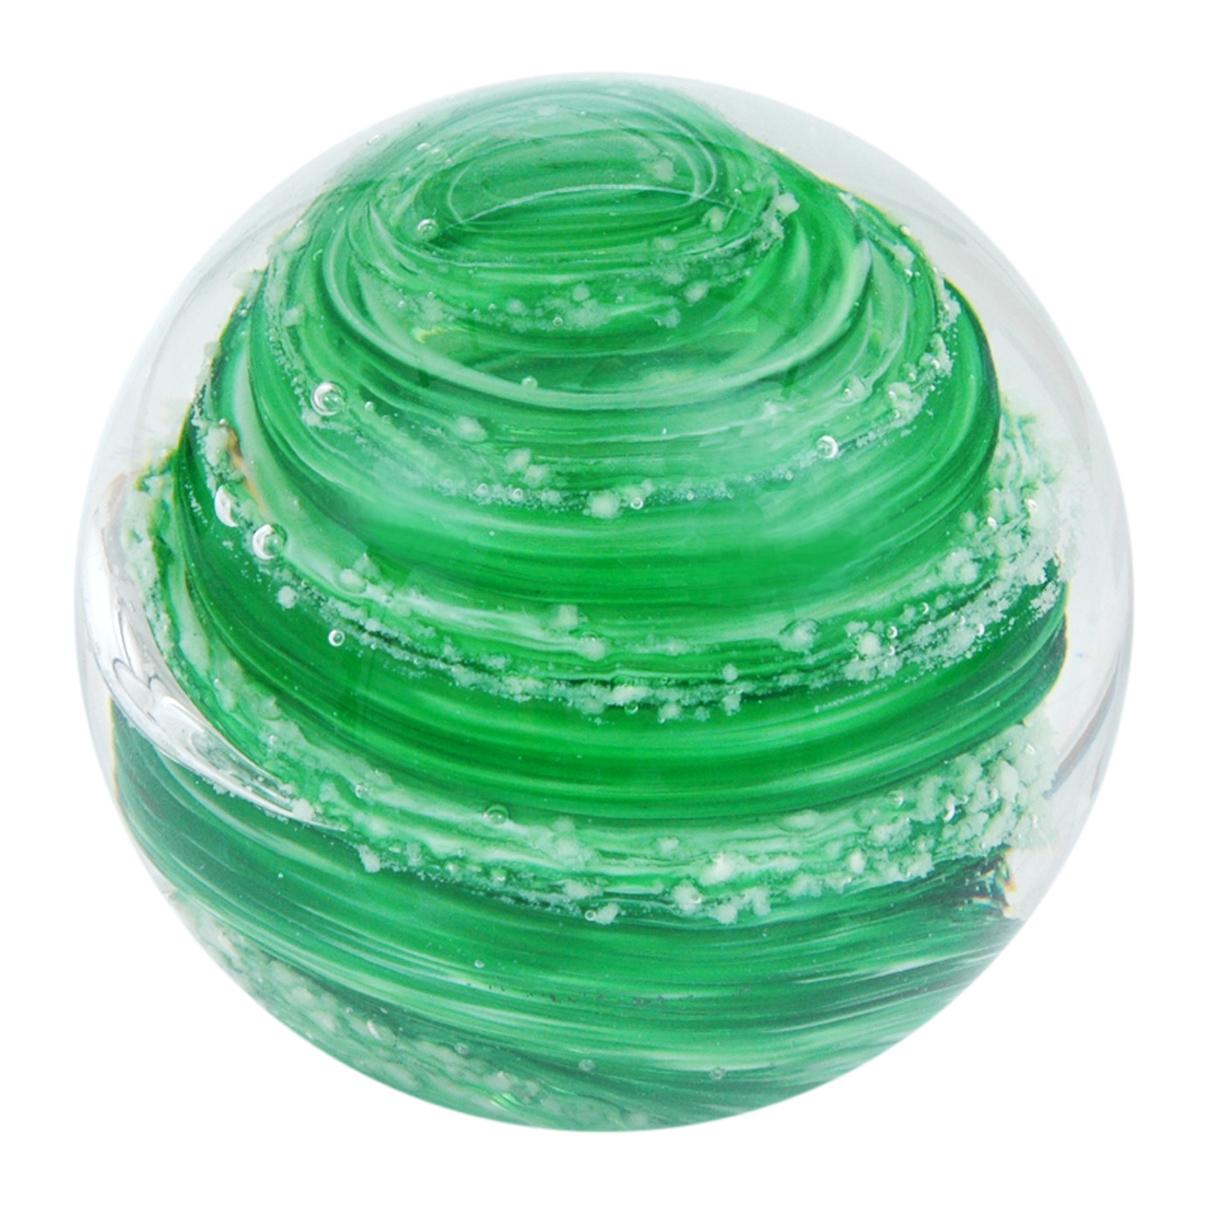 Traum-Glaskugel grüne Spirale